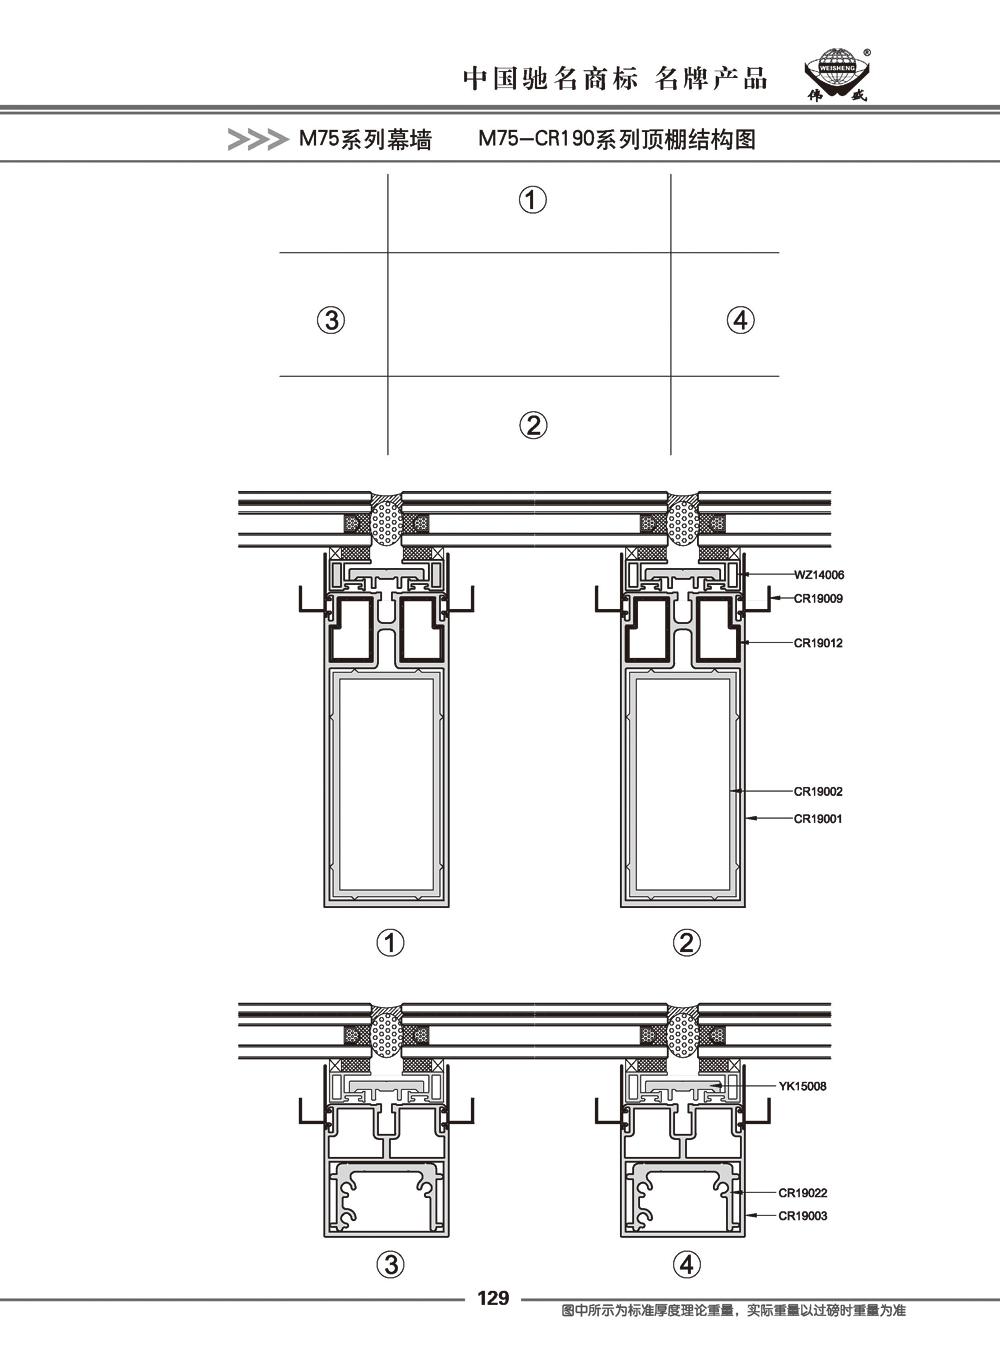 M75-CR190系列顶棚型材